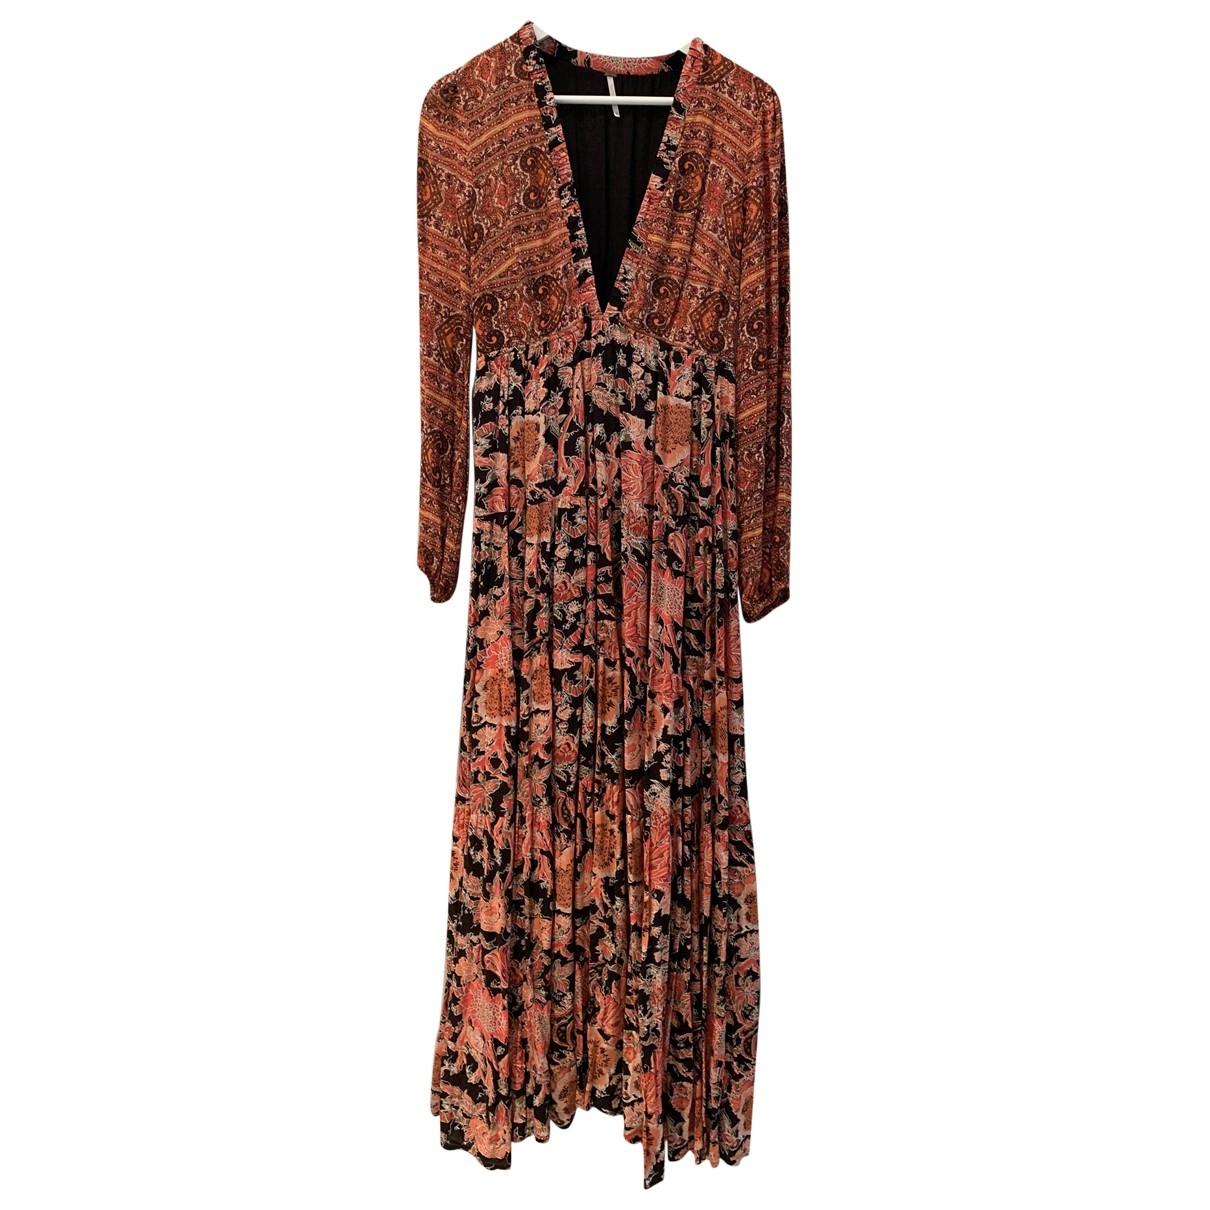 Free People - Robe   pour femme en coton - multicolore